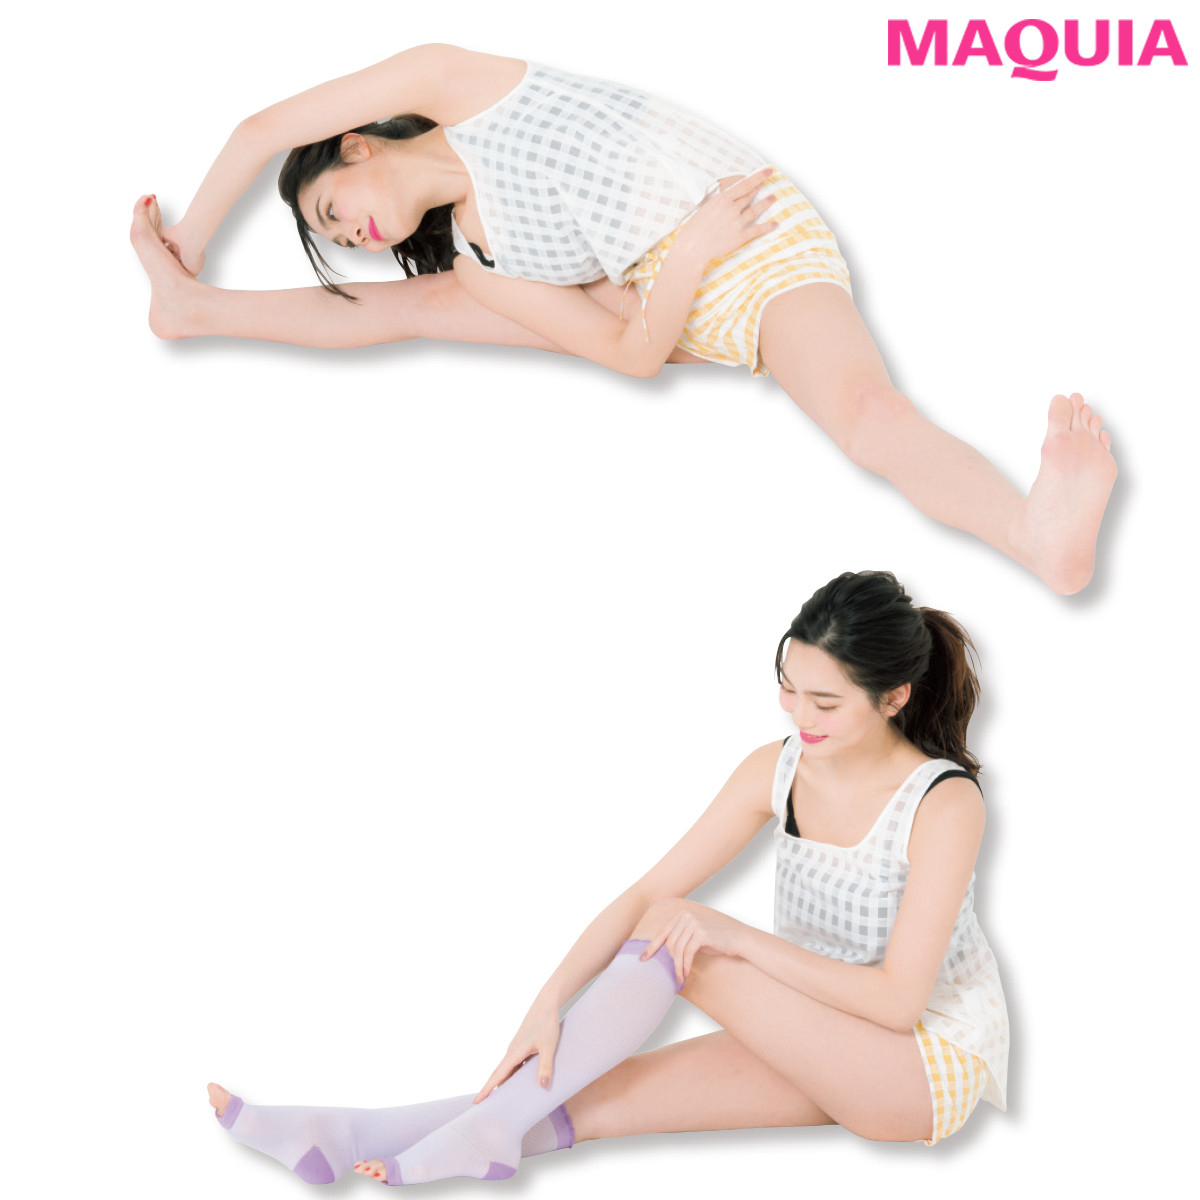 足首のスジ押しで脚ほっそり! マキアビューティズの脚ヤセテクを拝見